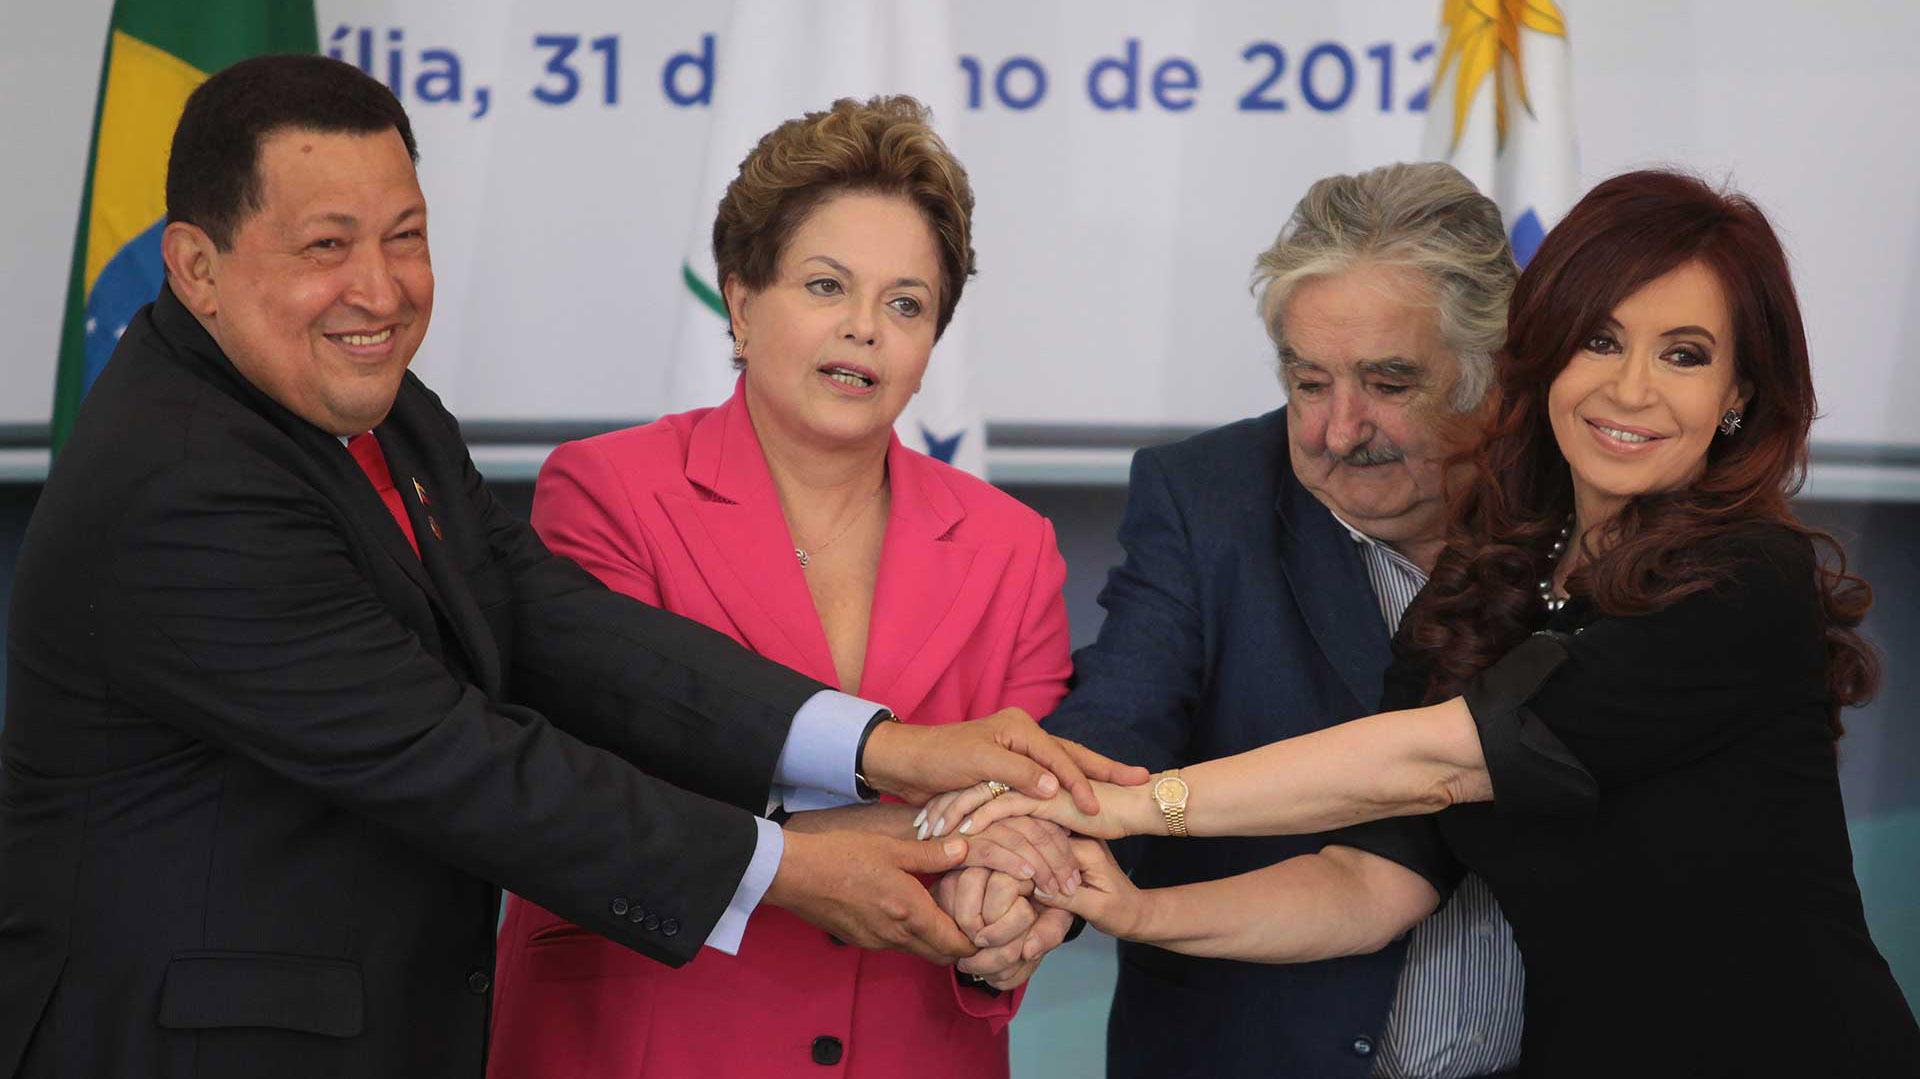 el ex presidente de Venezuela, Hugo Chávez, la presidente de Brasil, Dilma Rousseff, el ex presidente de Uruguay José Mujica, y la ex presidenta argentina Cristina Fernández, posan para una foto oficial en el Palacio de Planalto, en Brasilia, el 31 de julio de 2012 (AP)